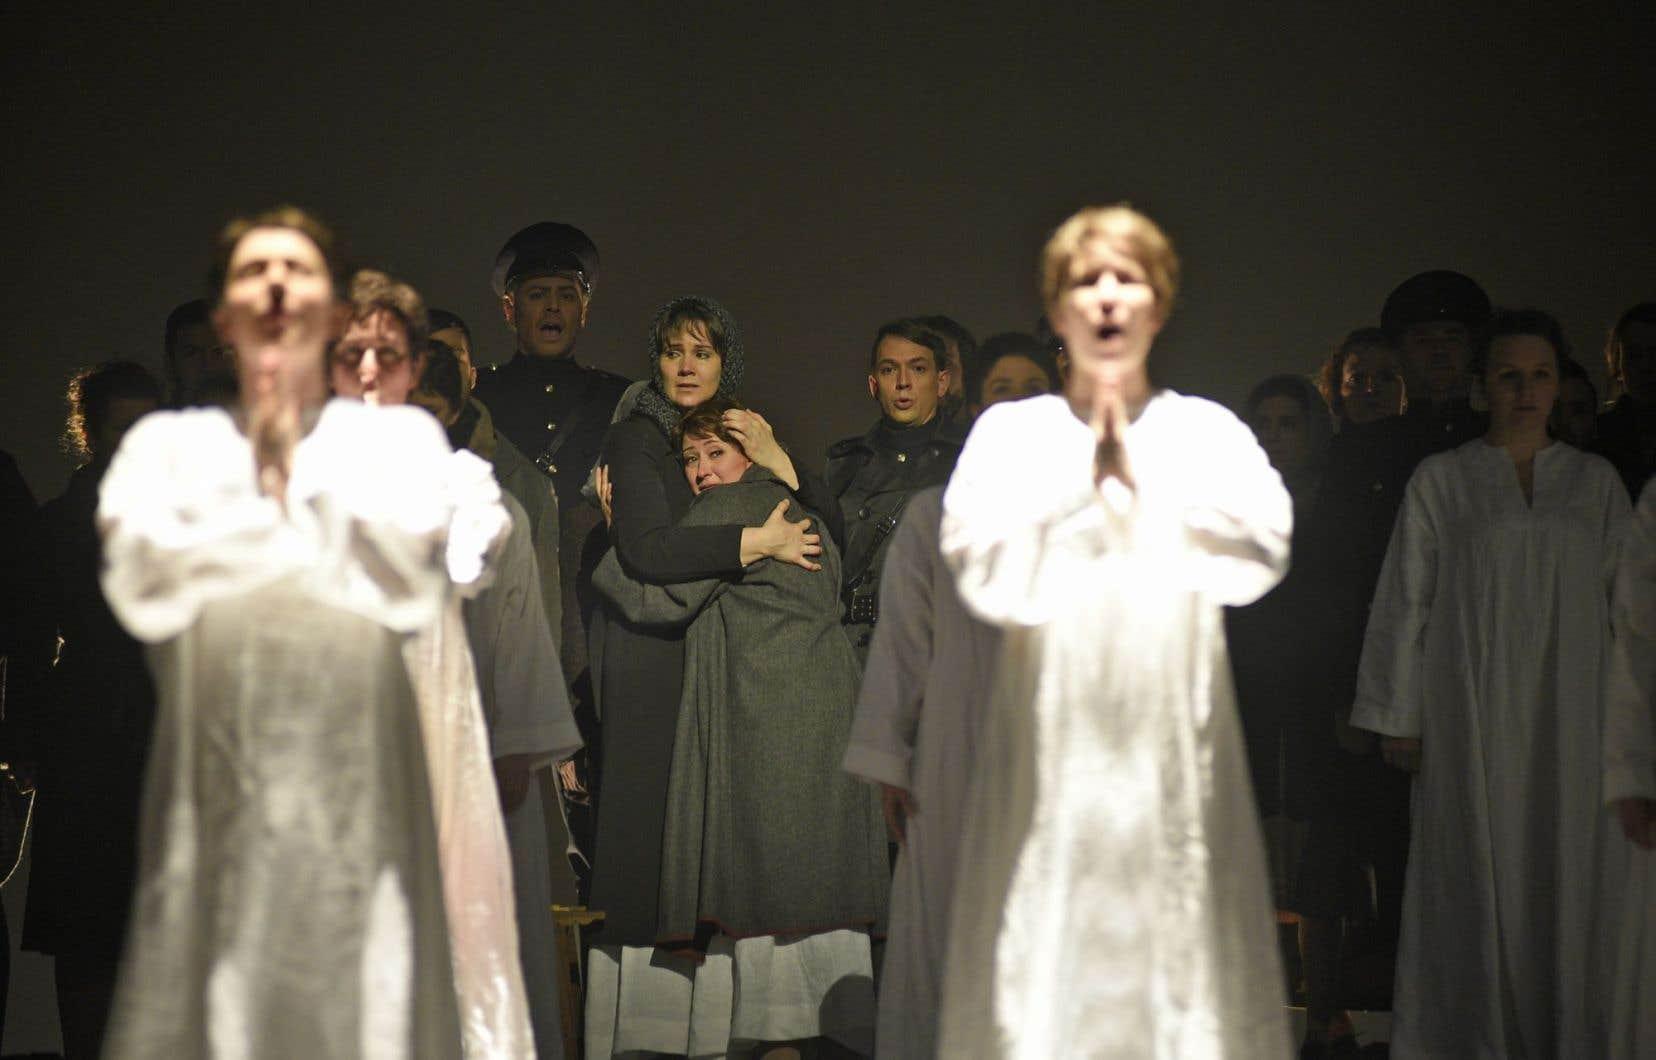 Mère Marie (Aidan Ferguson) enlace Blanche de la Force (Marianne Fiset) avant le sacrifice, cette dernière avec une expression d'effroi bien contraire à la femme «incroyablement calme» vue par Poulenc et Bernanos.